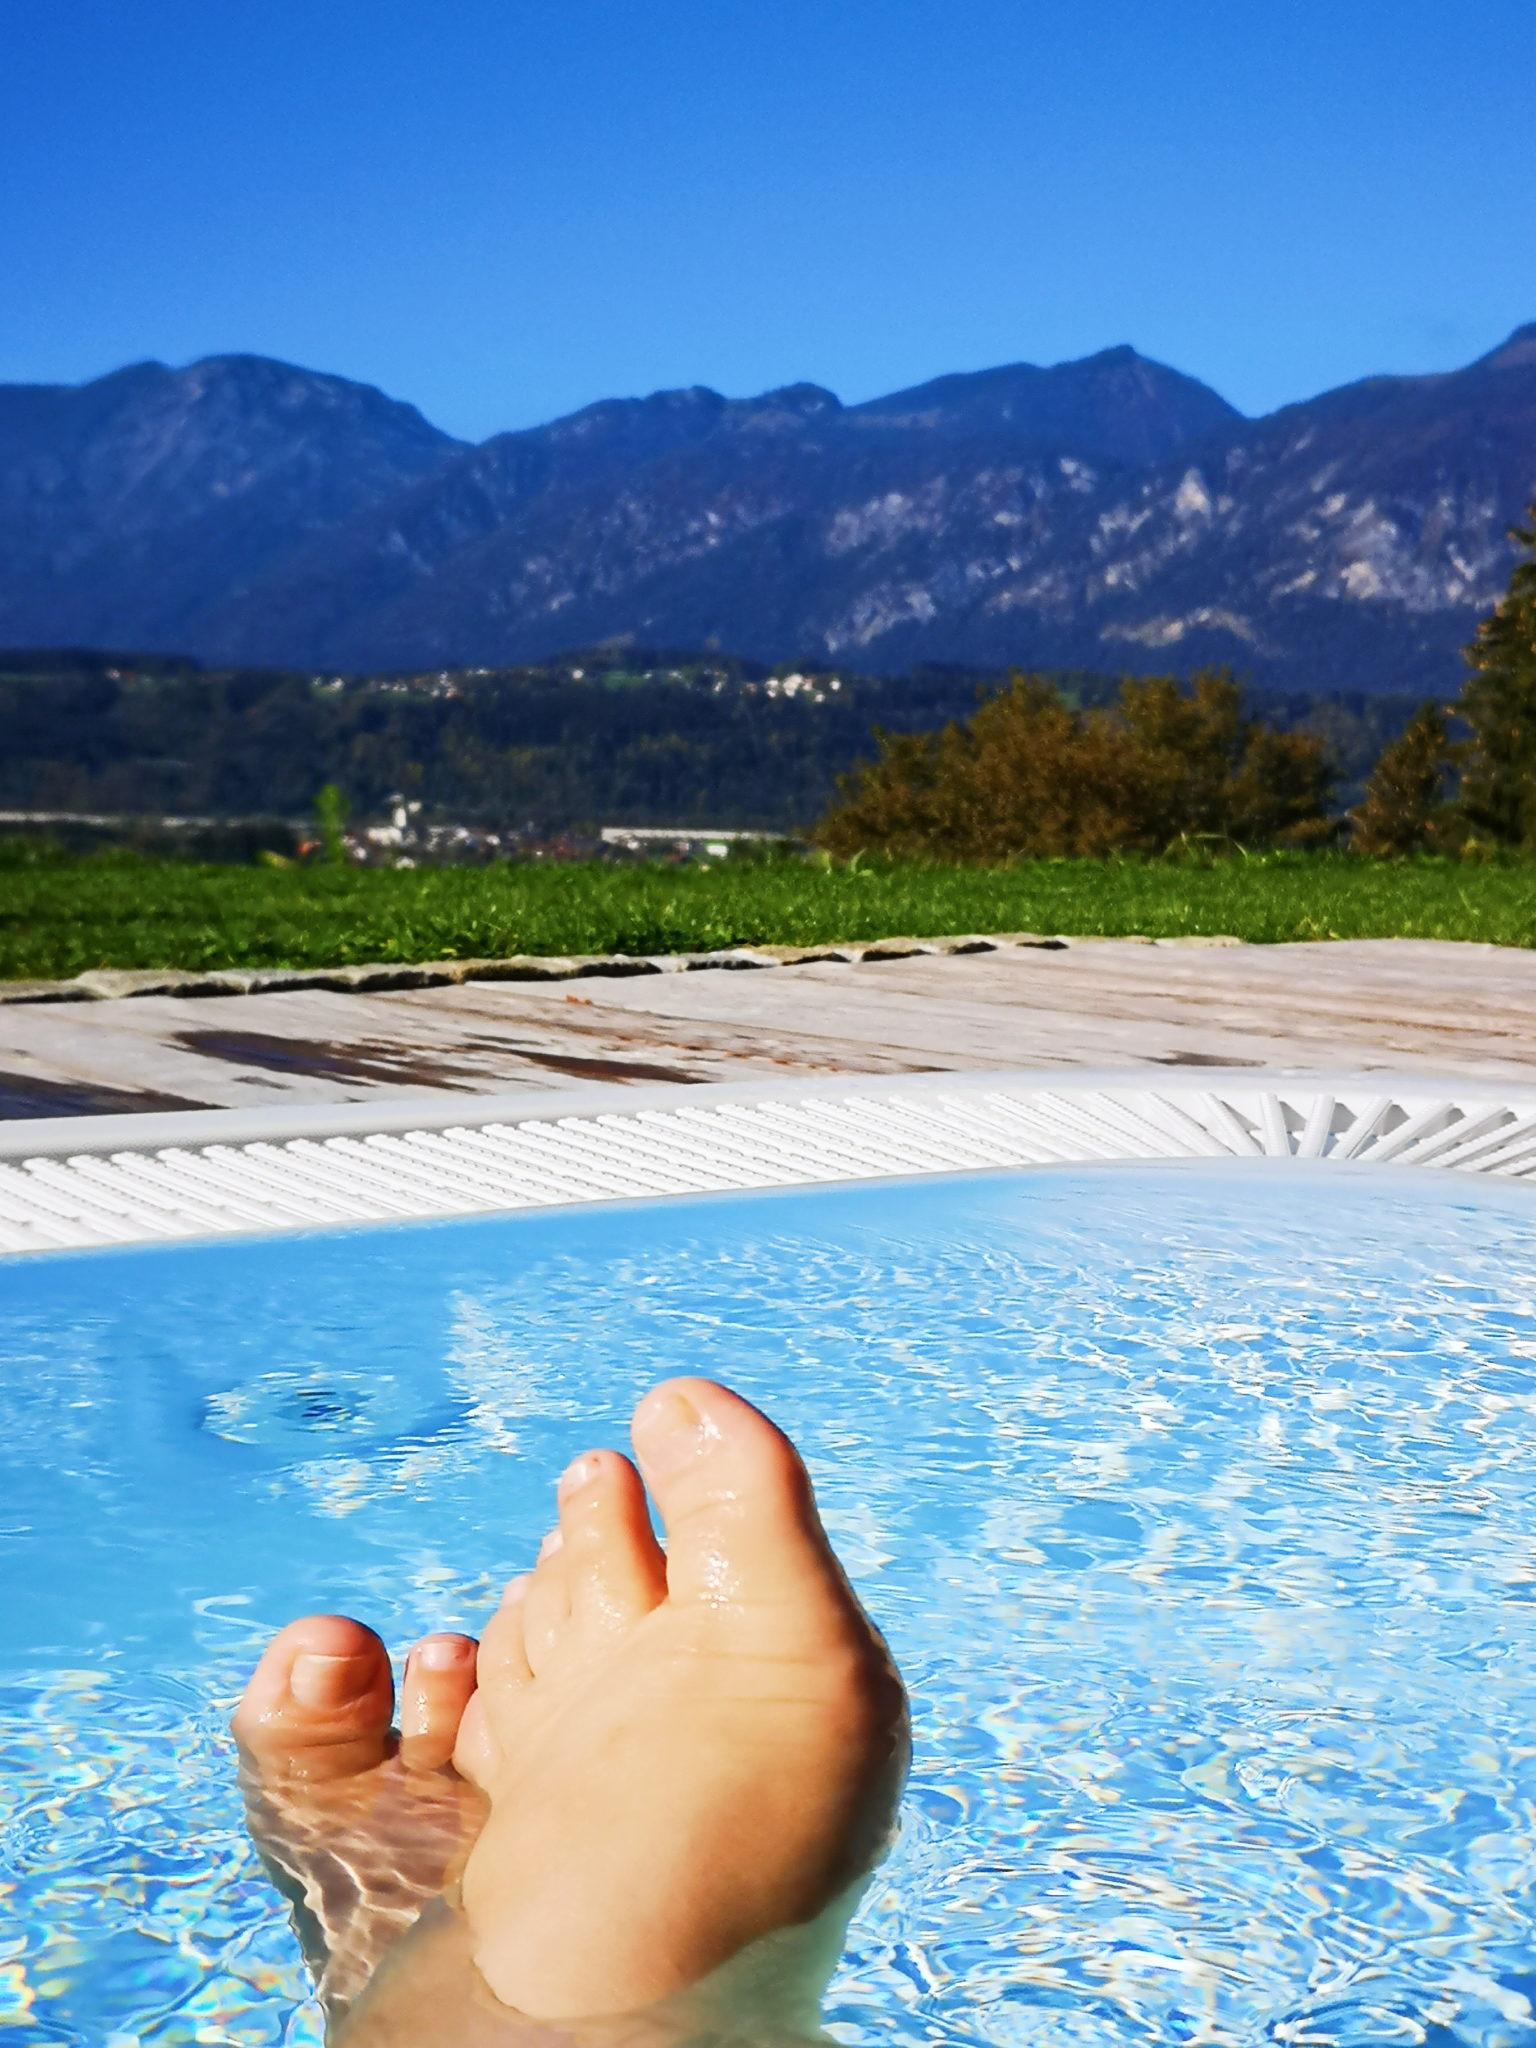 stopy leżącej w basenie Uli na tle górskiej panoramy